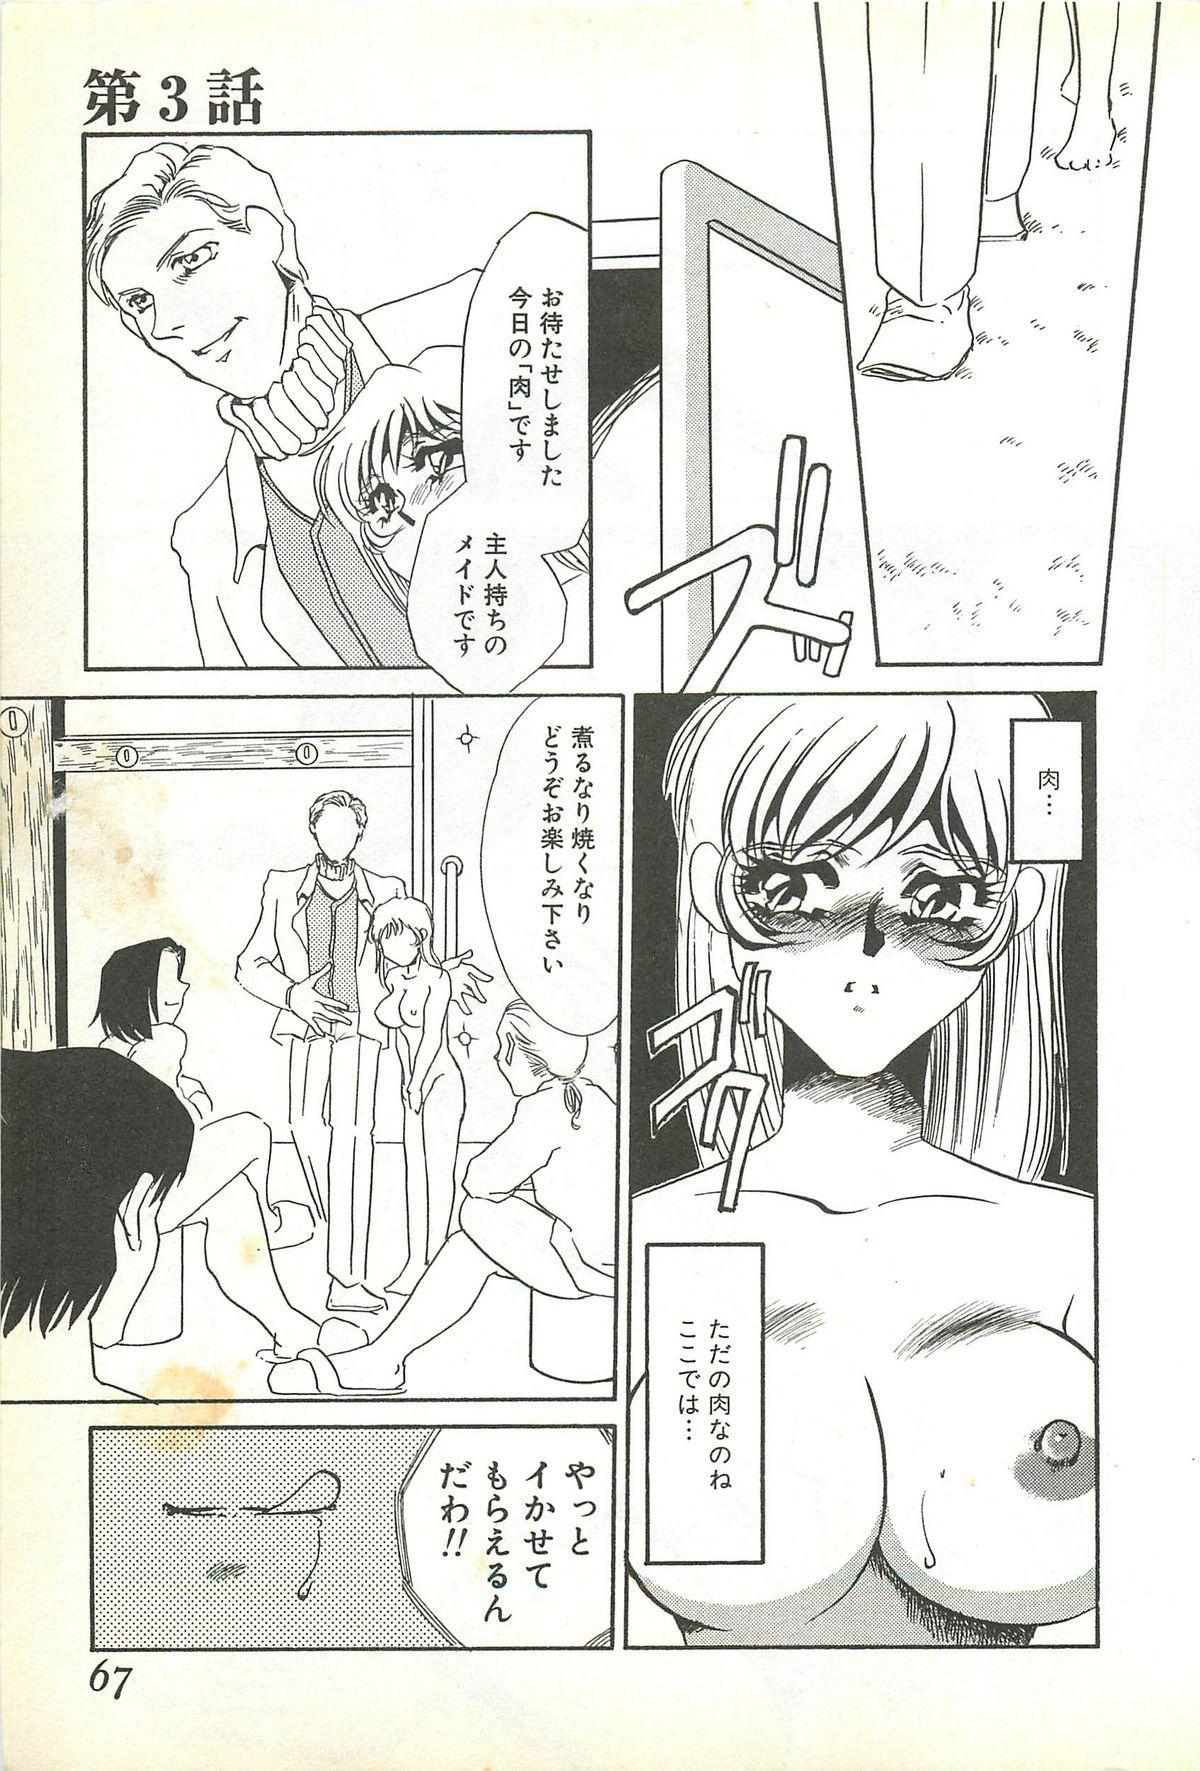 Chigyaku no Heya - A Shameful Punishment Room 63